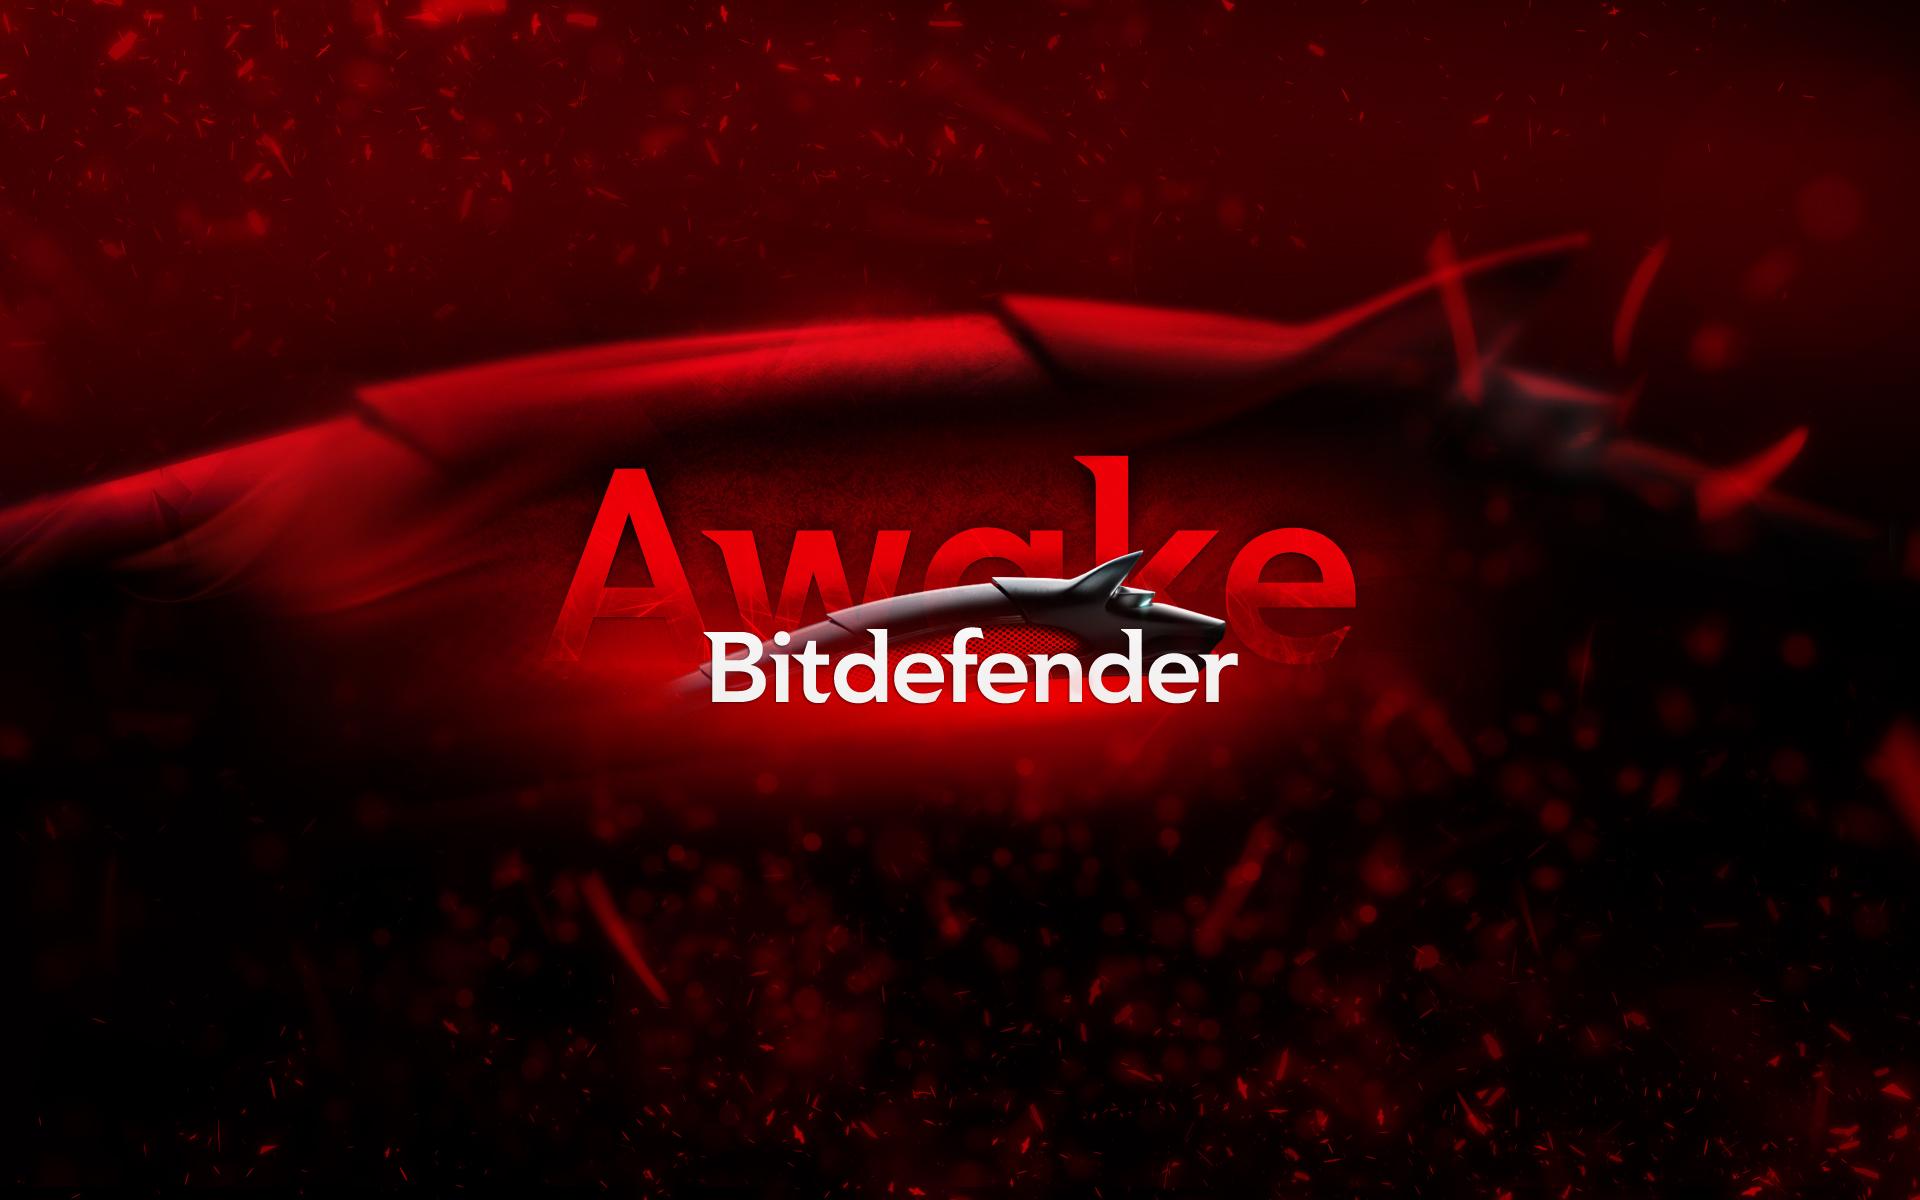 30 Bitdefender Pictures IKP86 Widescreen Wallpapers 1920x1200